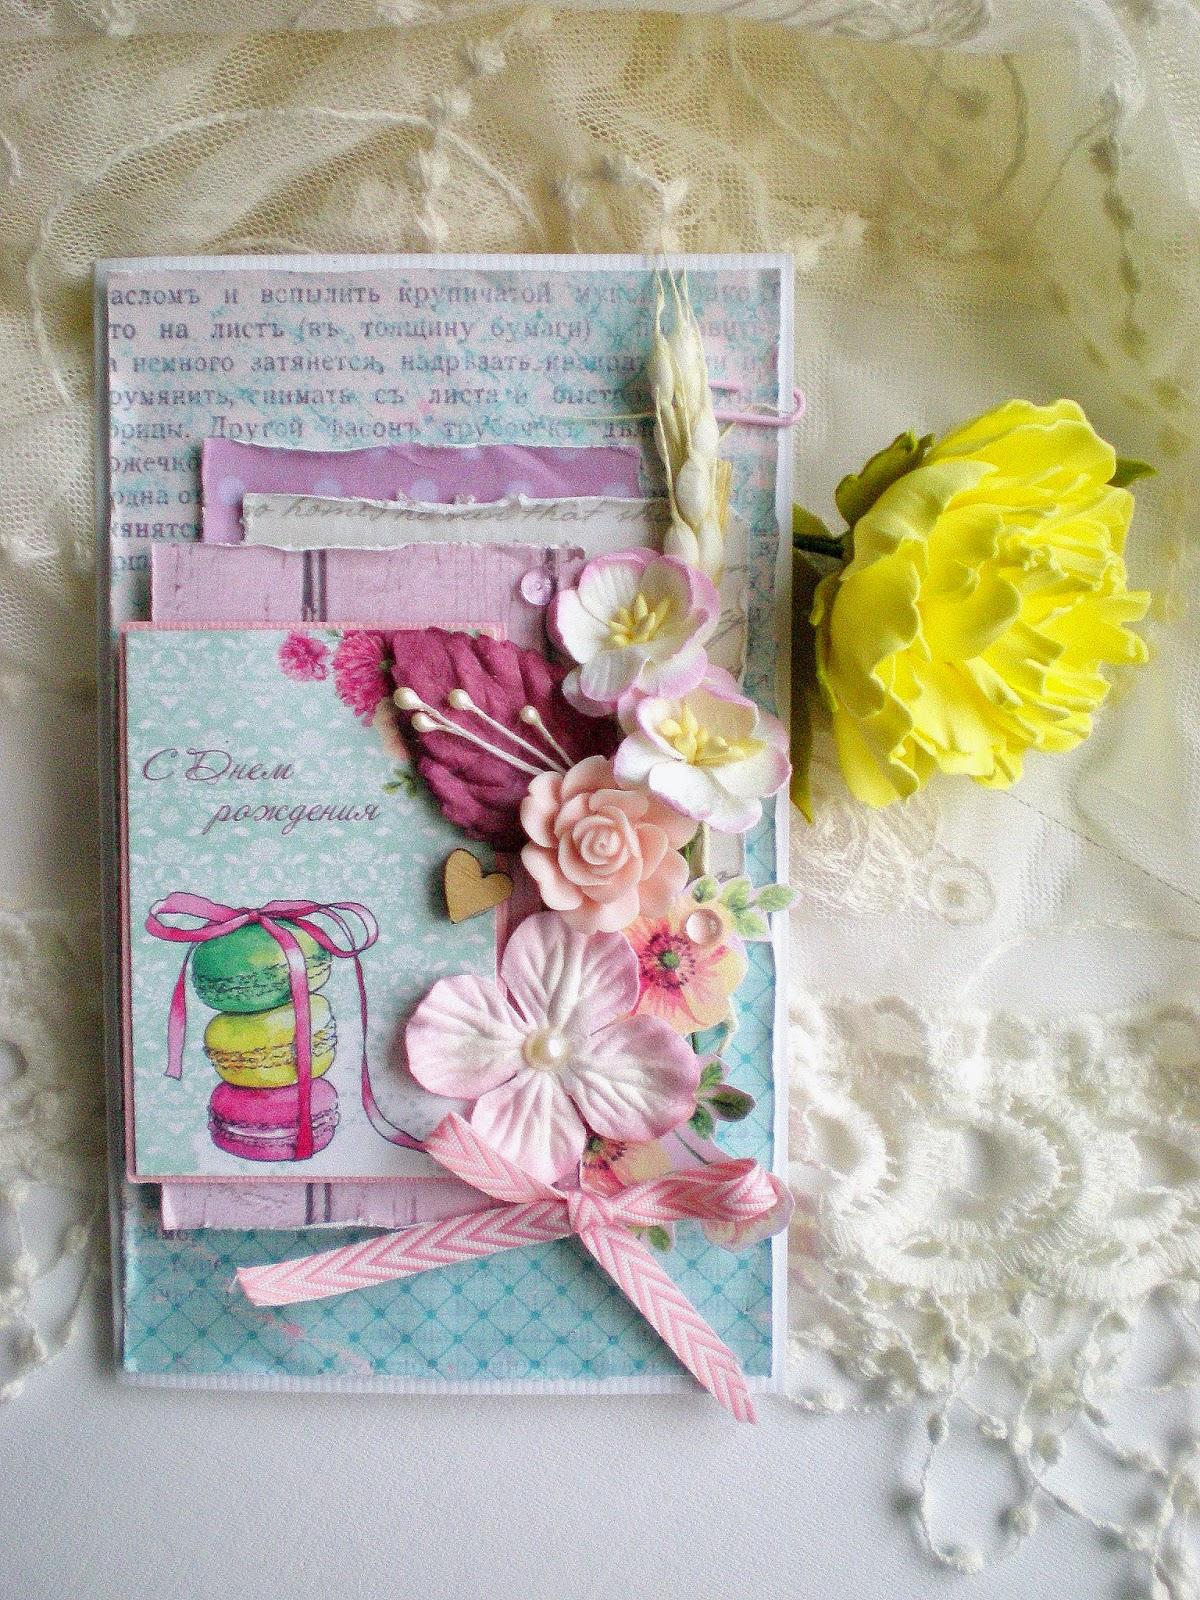 Цветы из фоамирана для открытки с